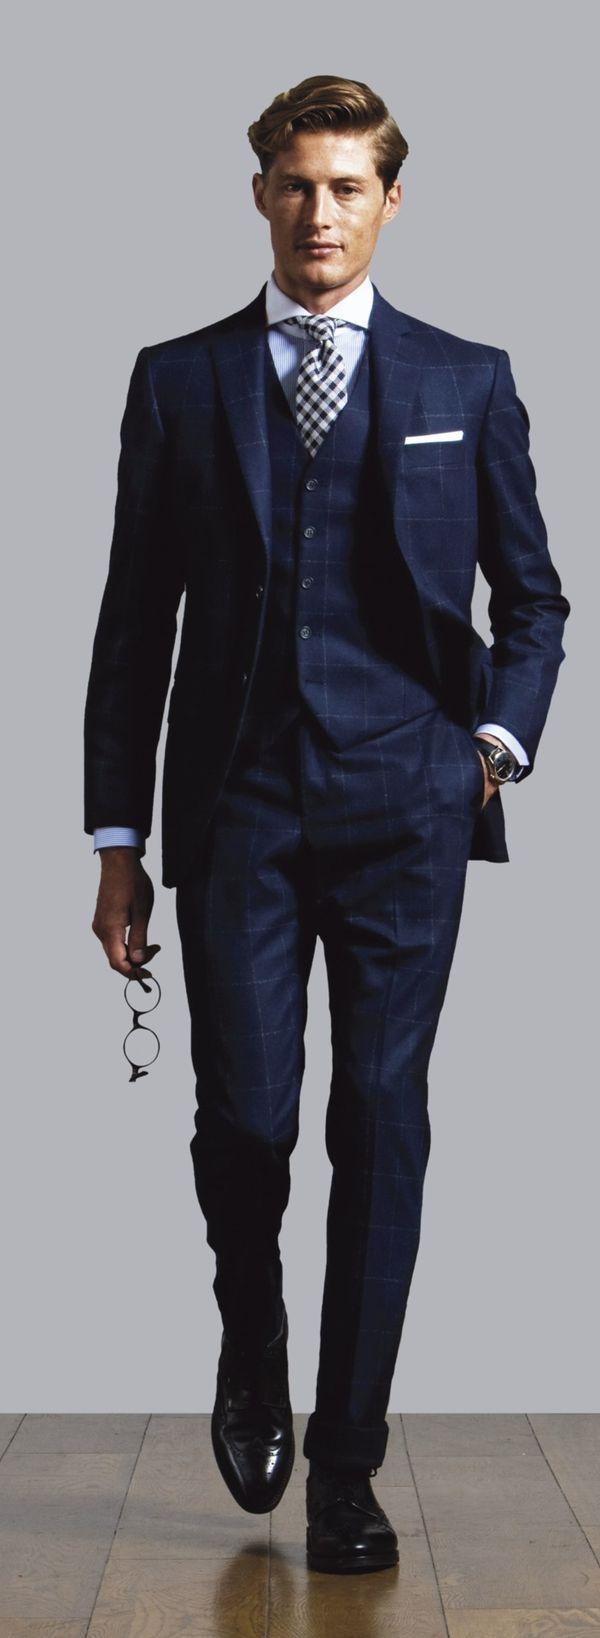 上品なネイビーで落ち着きのある着こなし。40代アラフォー男性のおすすめスーツベスト。